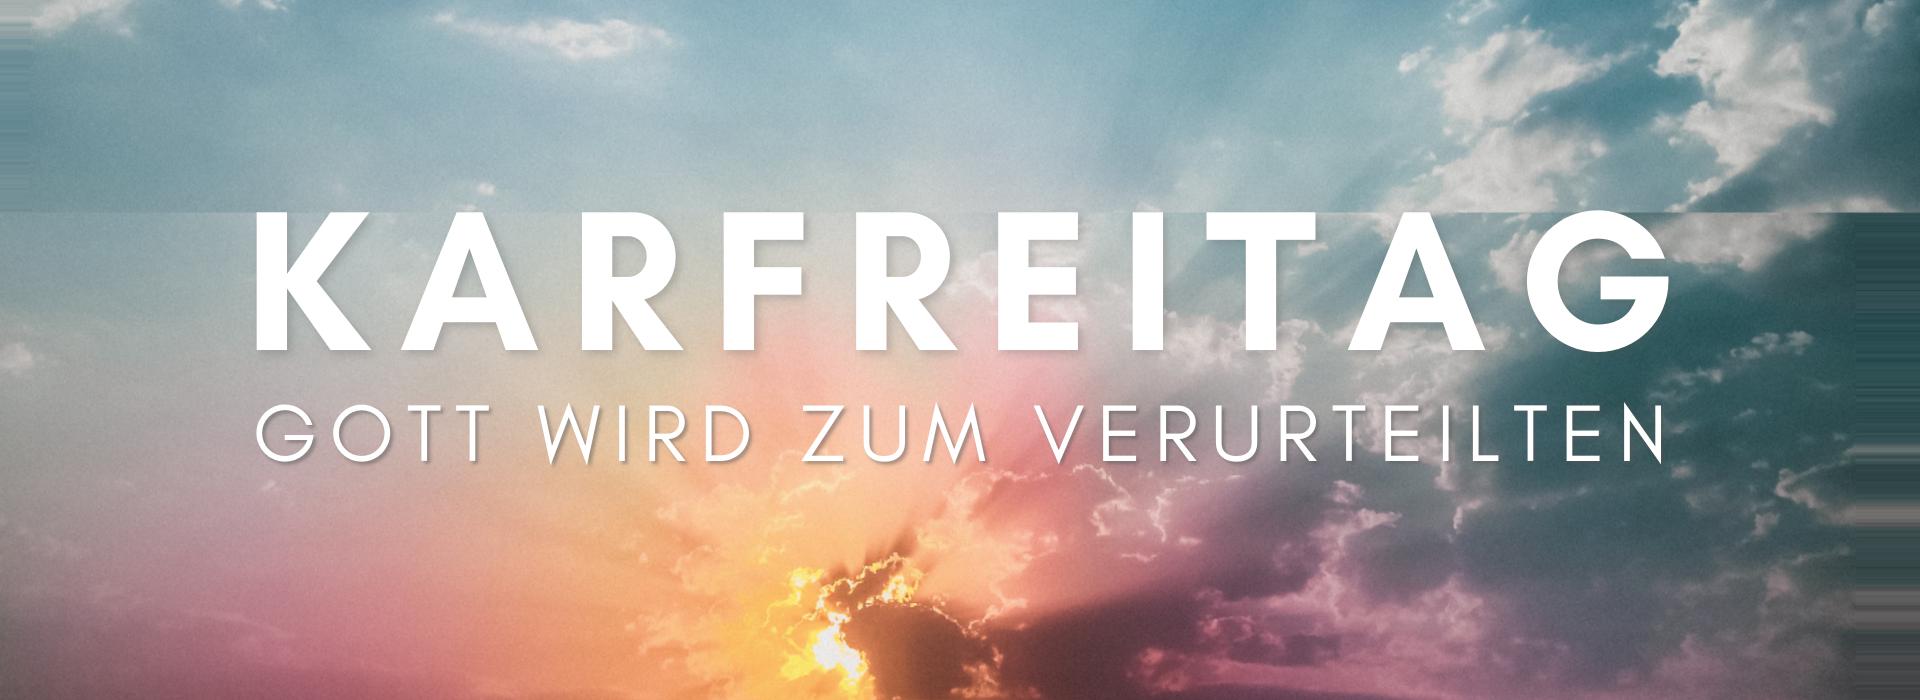 Karfreitag – Gott wird zum Verurteilten